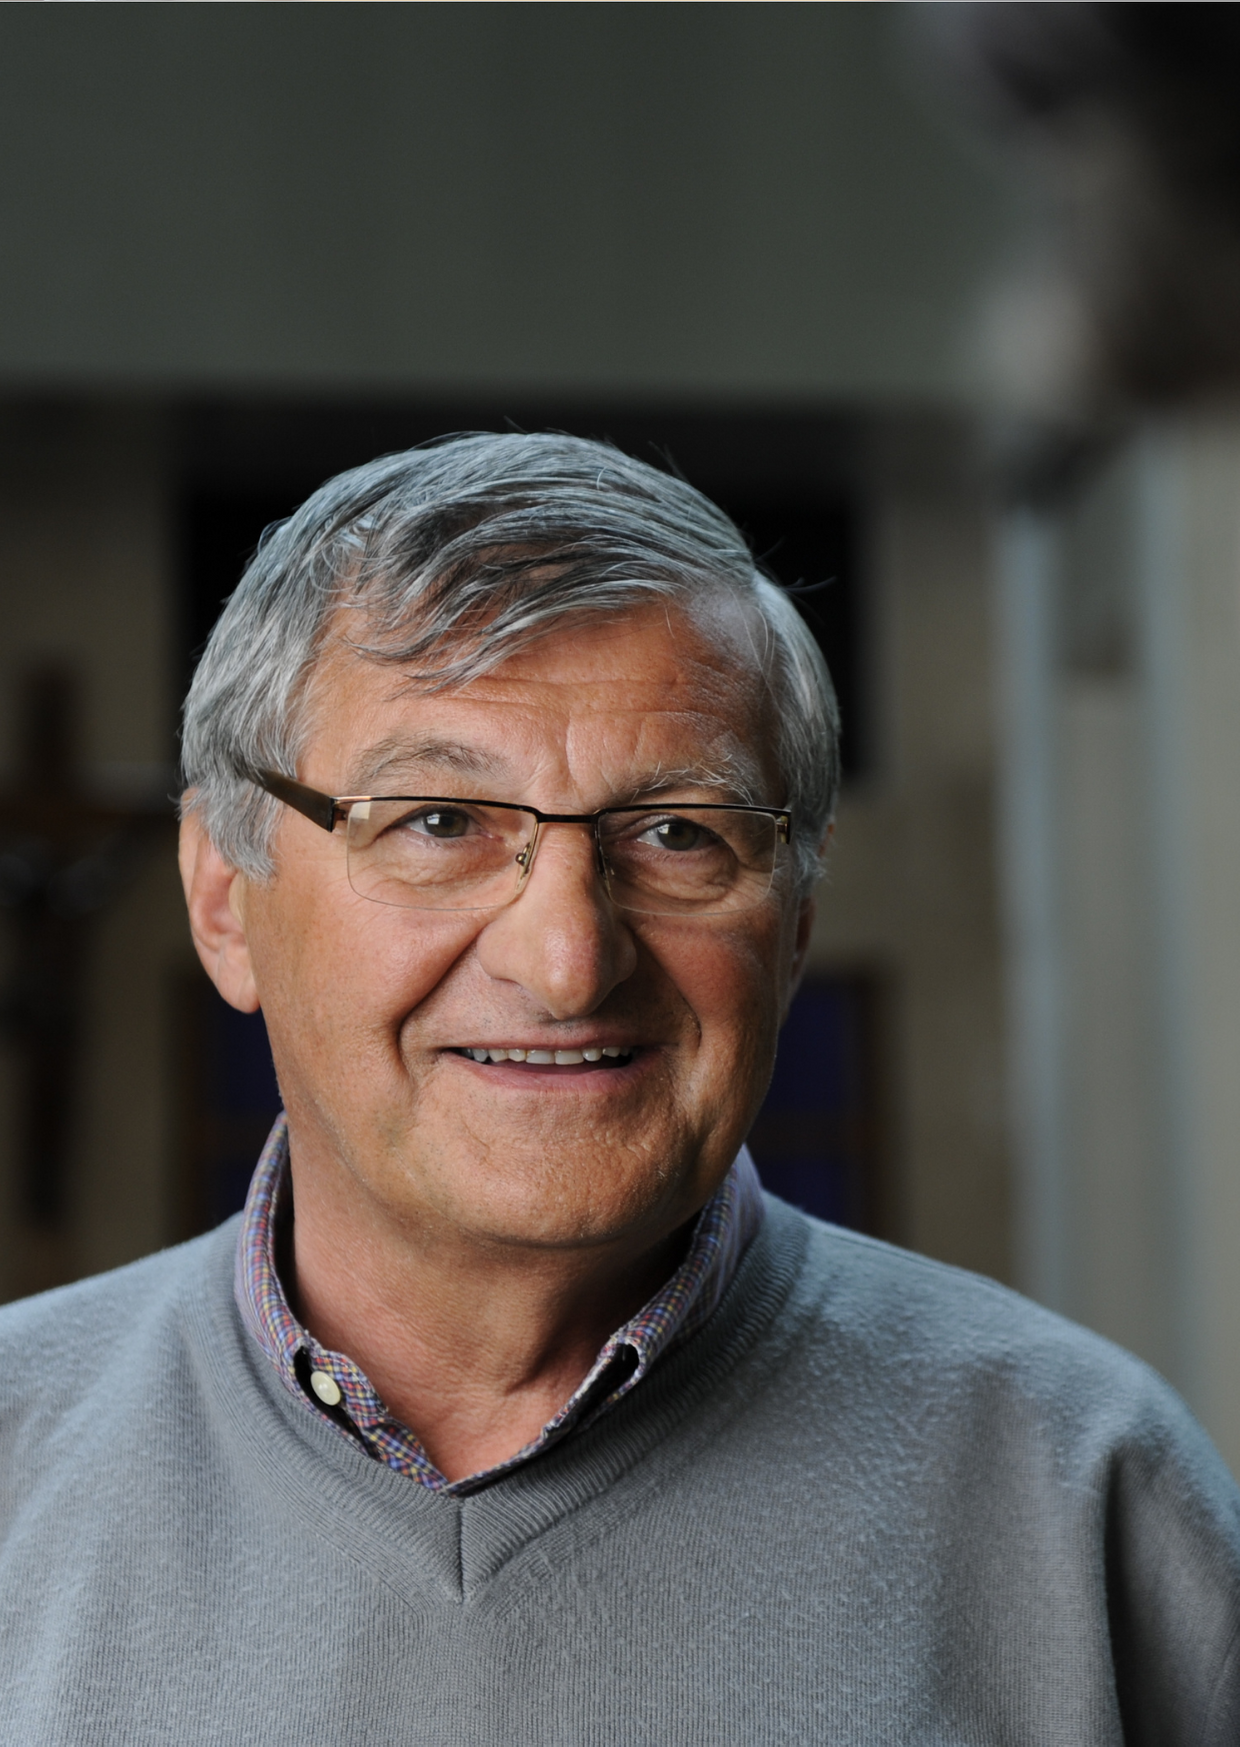 Paul Burguière